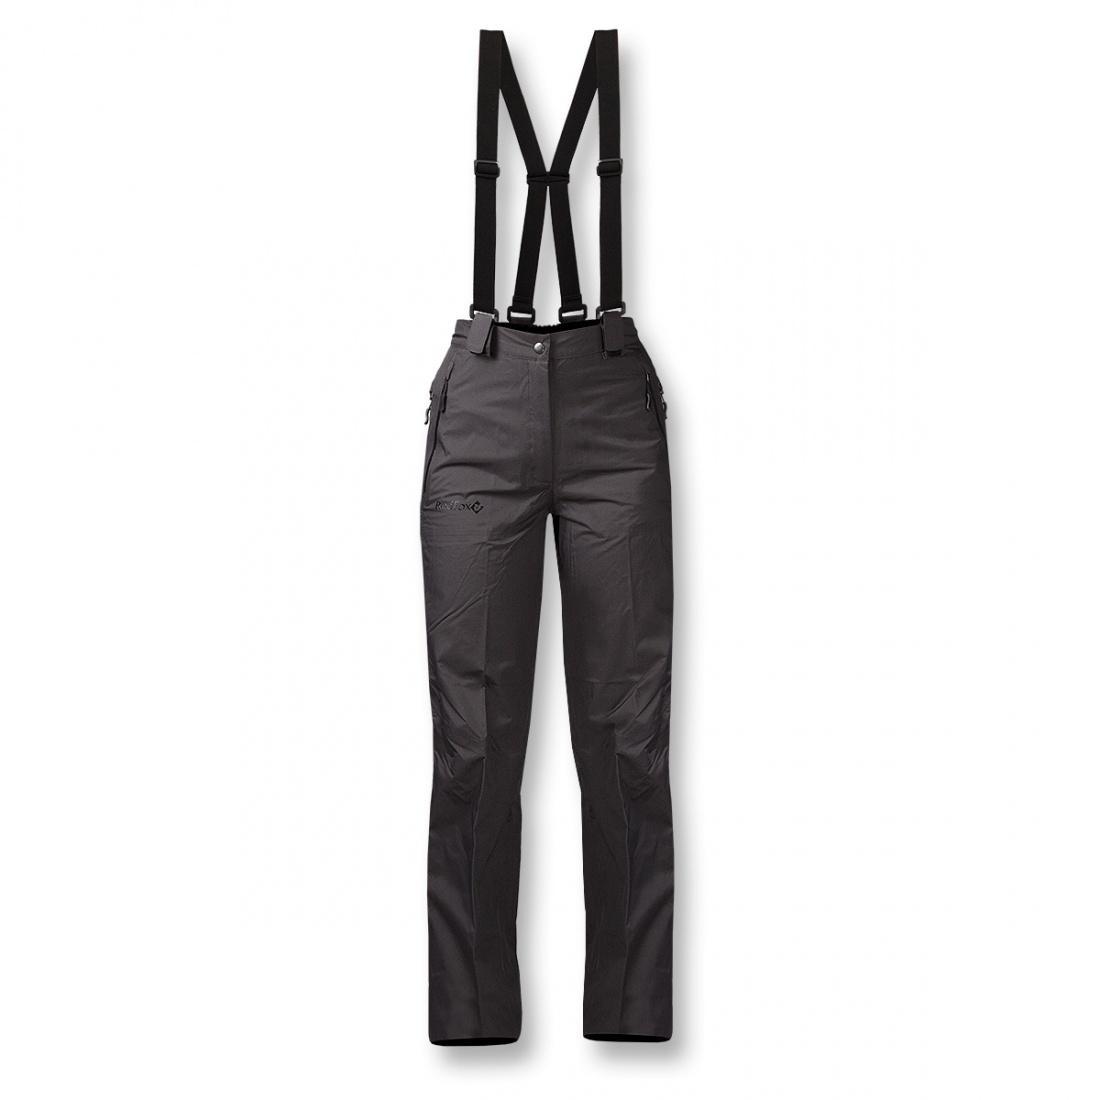 Брюки ветрозащитные Valencia ЖенскиеБрюки, штаны<br>Легкие штормовые брюки для женщин.  <br> <br> Серия Nordic Style <br>Треккинг, загородные выезды в дождливую погоду <br>Материал: Dry Factor 10000 2,5 L  <br>Выкройка Regular Fit<br>Два кармана. <br>По боковом...<br><br>Цвет: Черный<br>Размер: 42